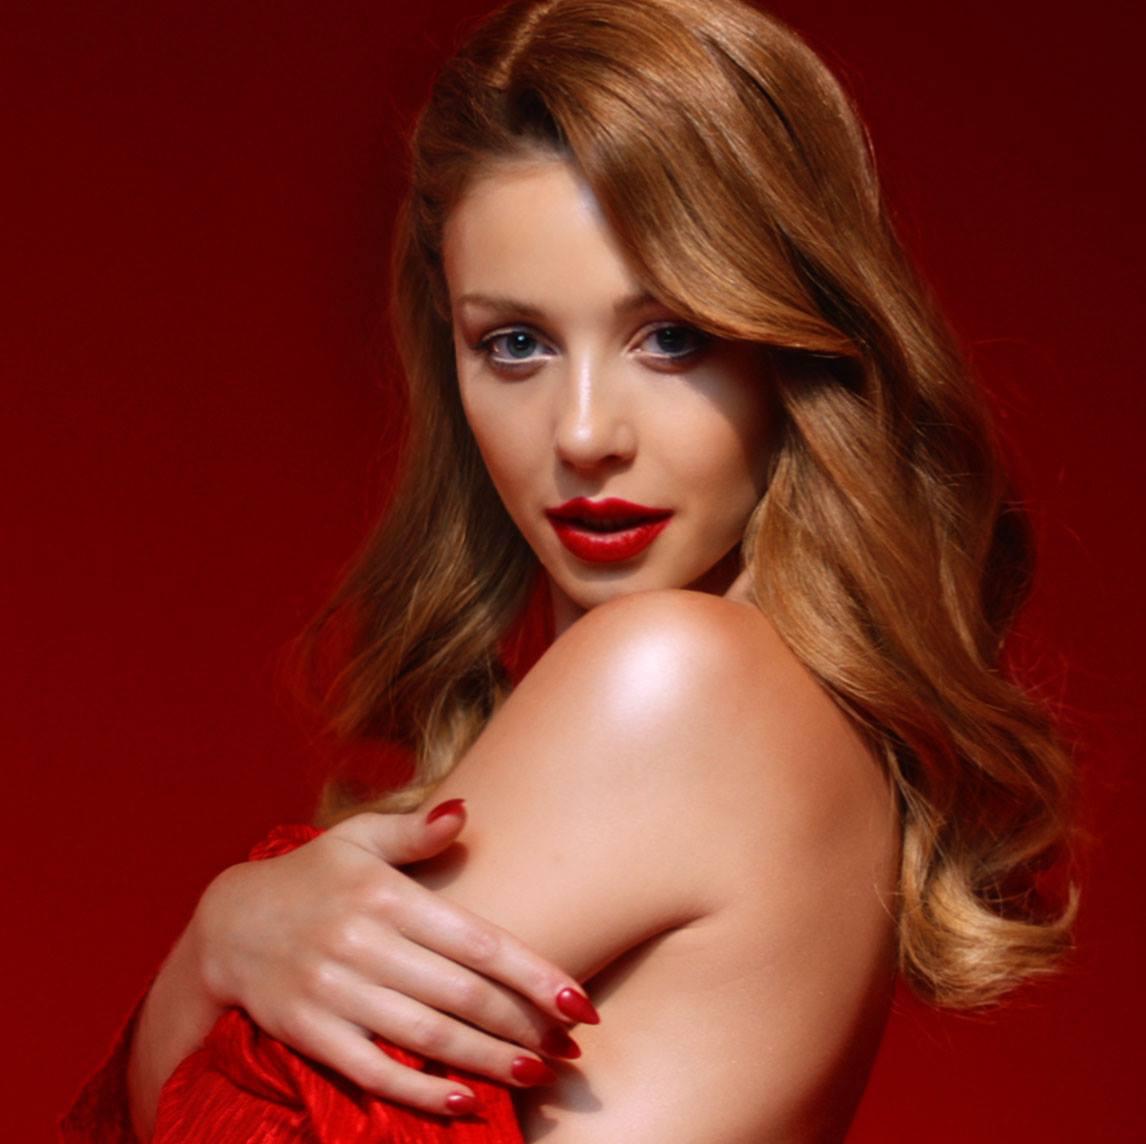 Тина Кароль снялась красный клип и представила песню на двух языках